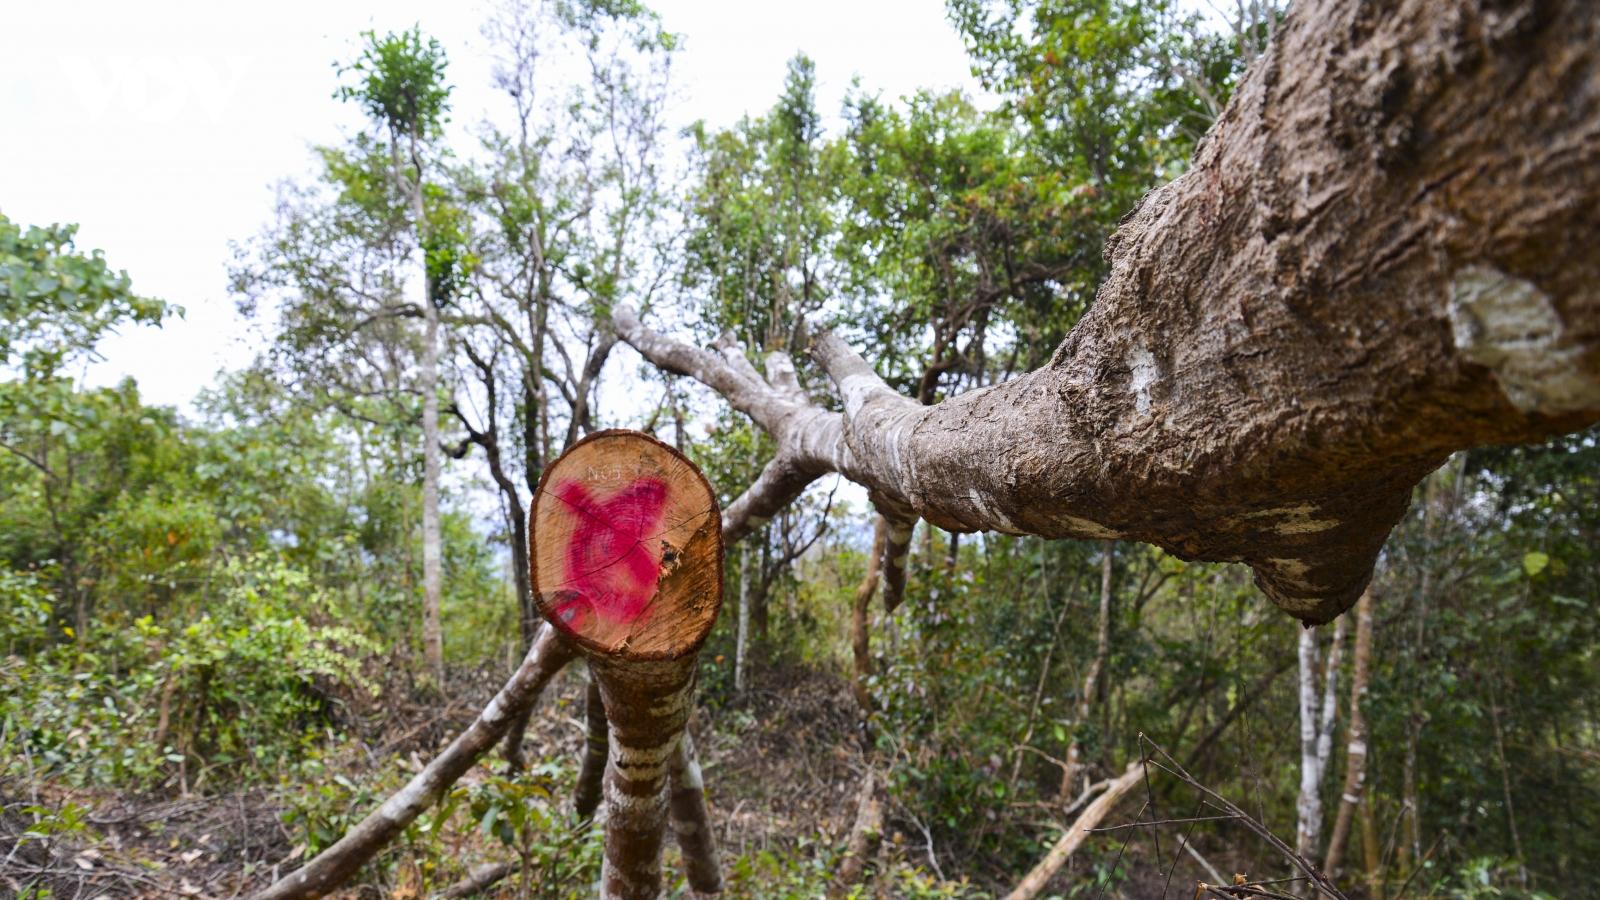 Bước đầu phát hiện hơn 170 cây gỗ bị chặt trong rừng đặc dụng Mường Phăng